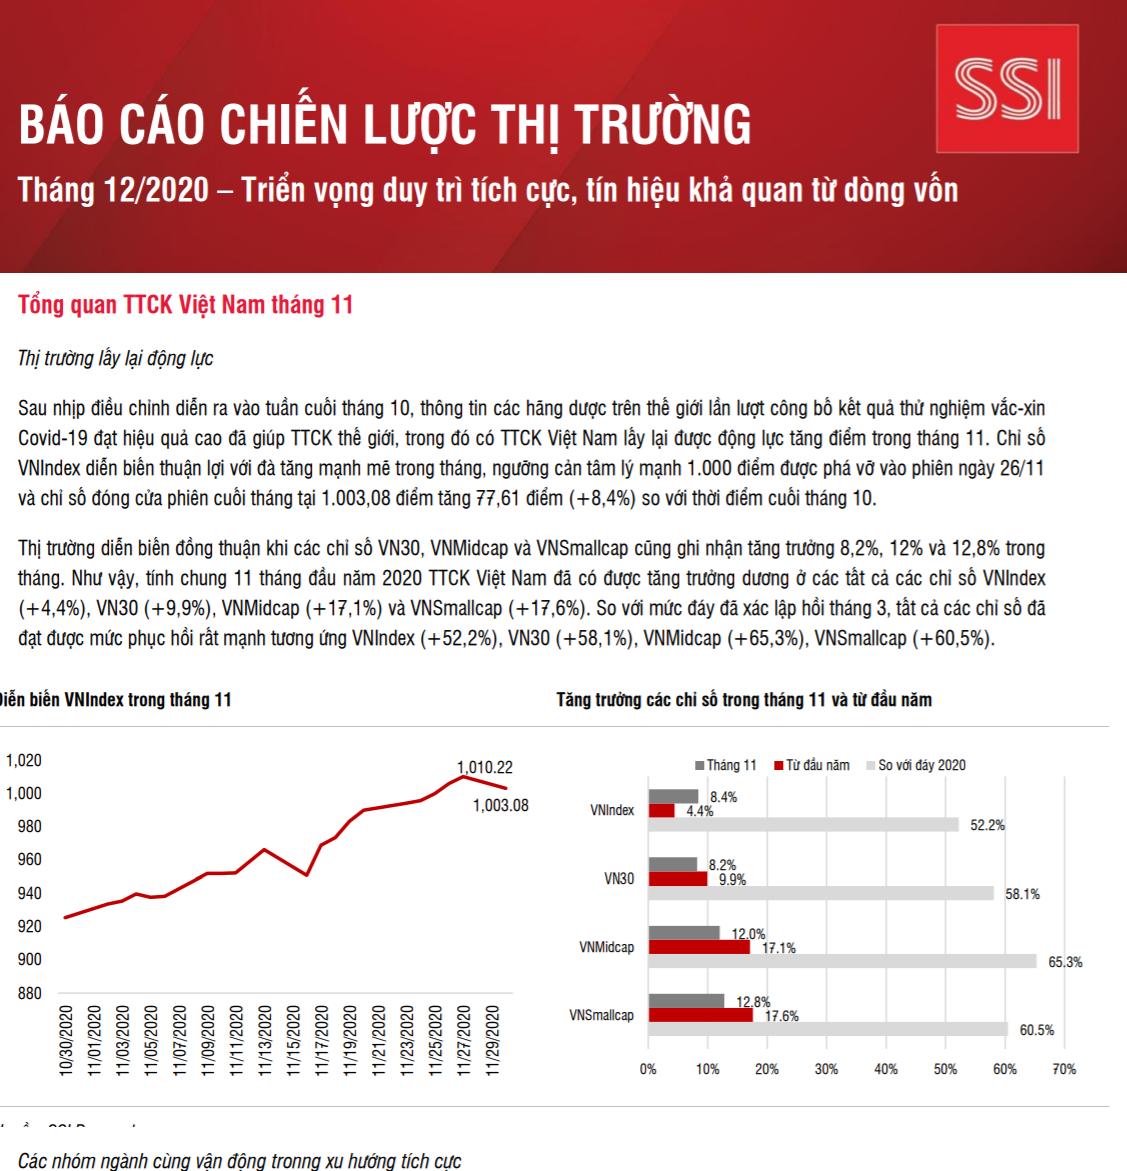 SSI Research: Báo cáo chiến lược thị trường tháng 12/2020